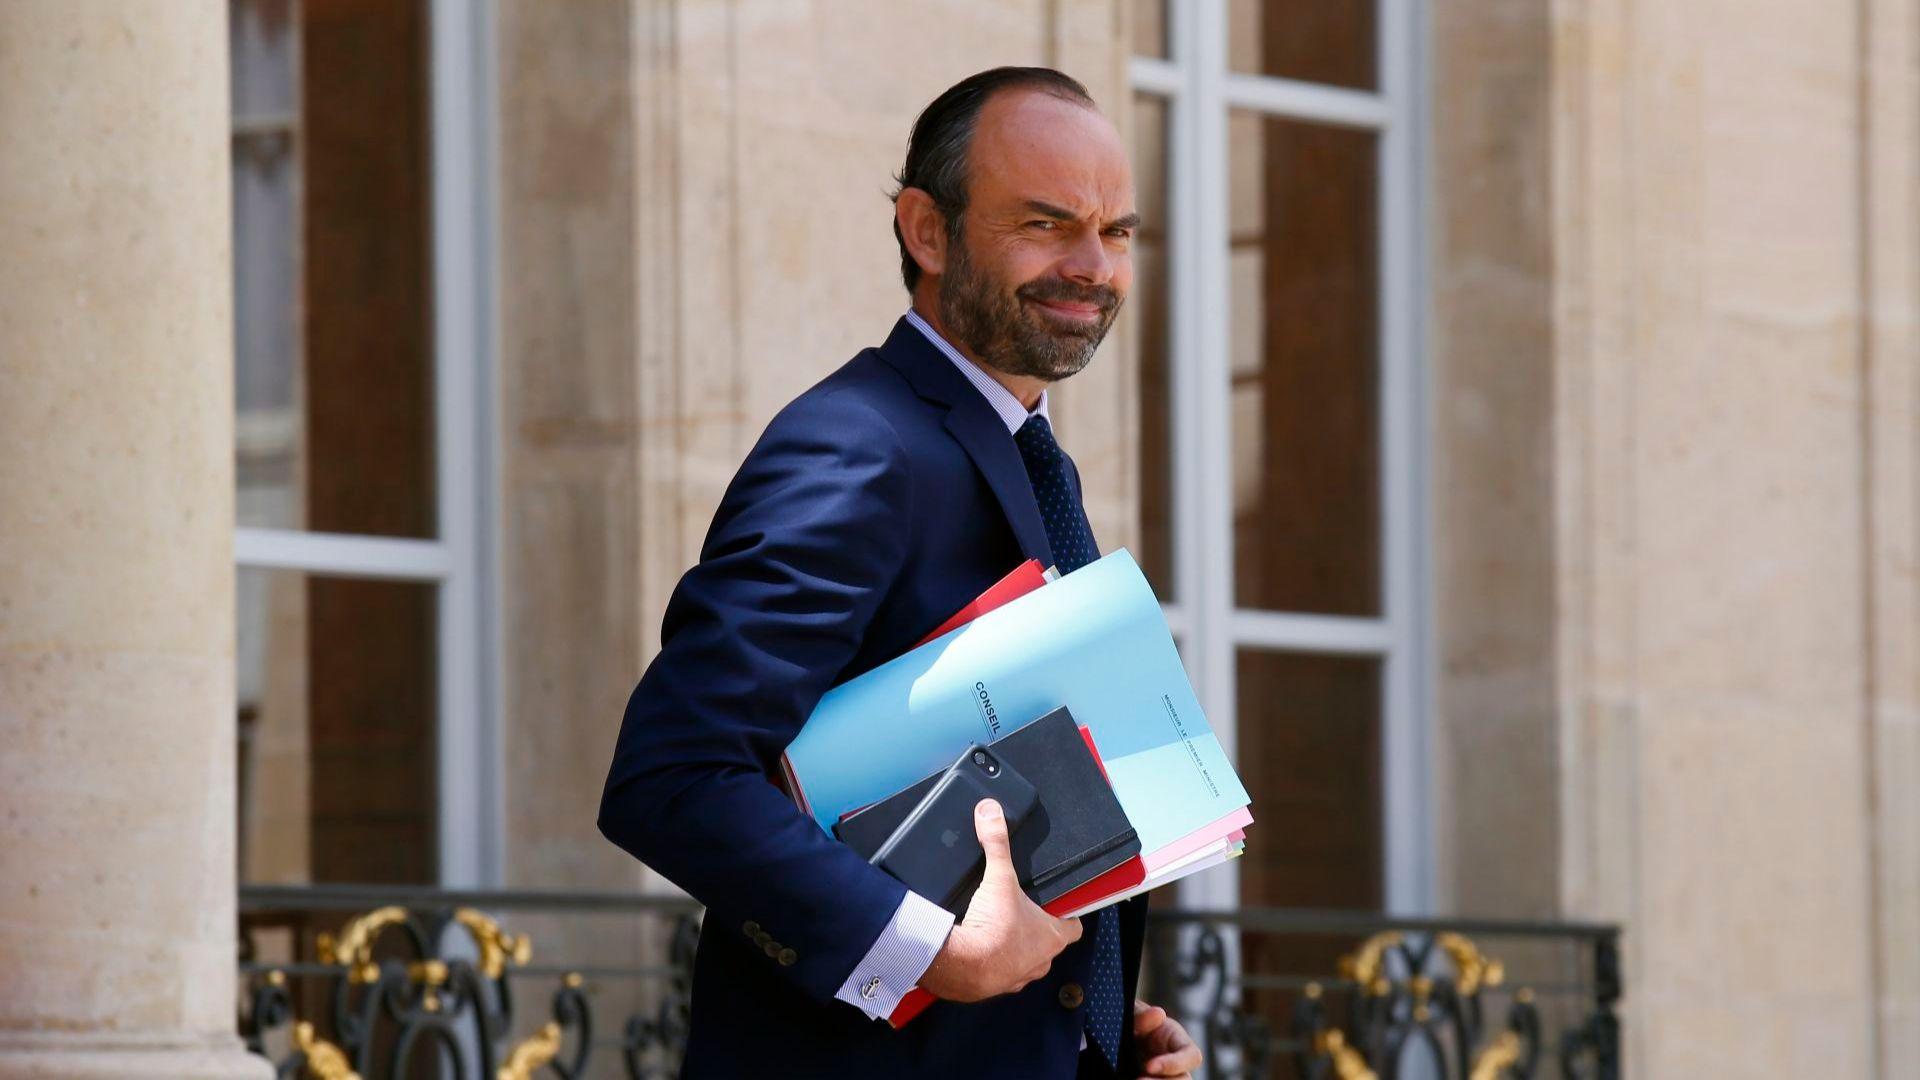 Френският премиер Едуар Филип (на снимката) се срещна днес с